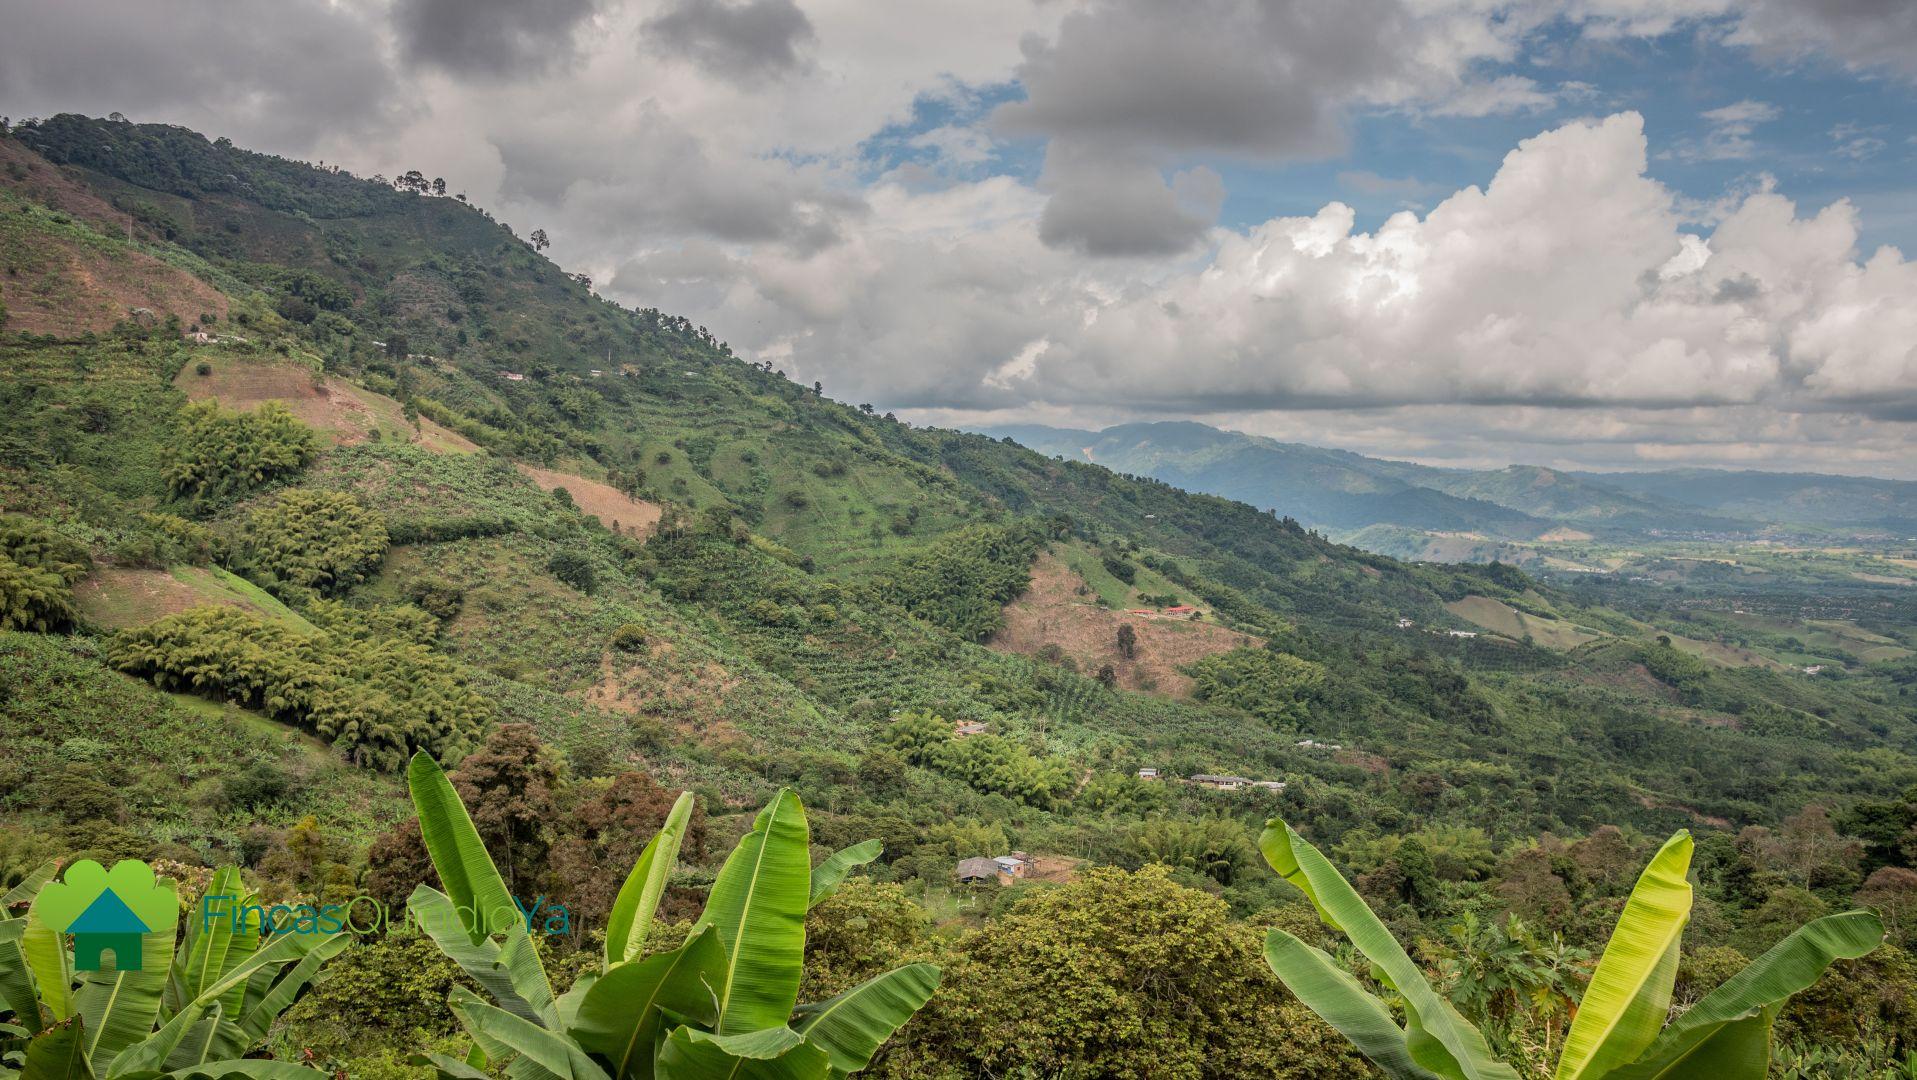 Foto de las montañas alrededor de un pueblo